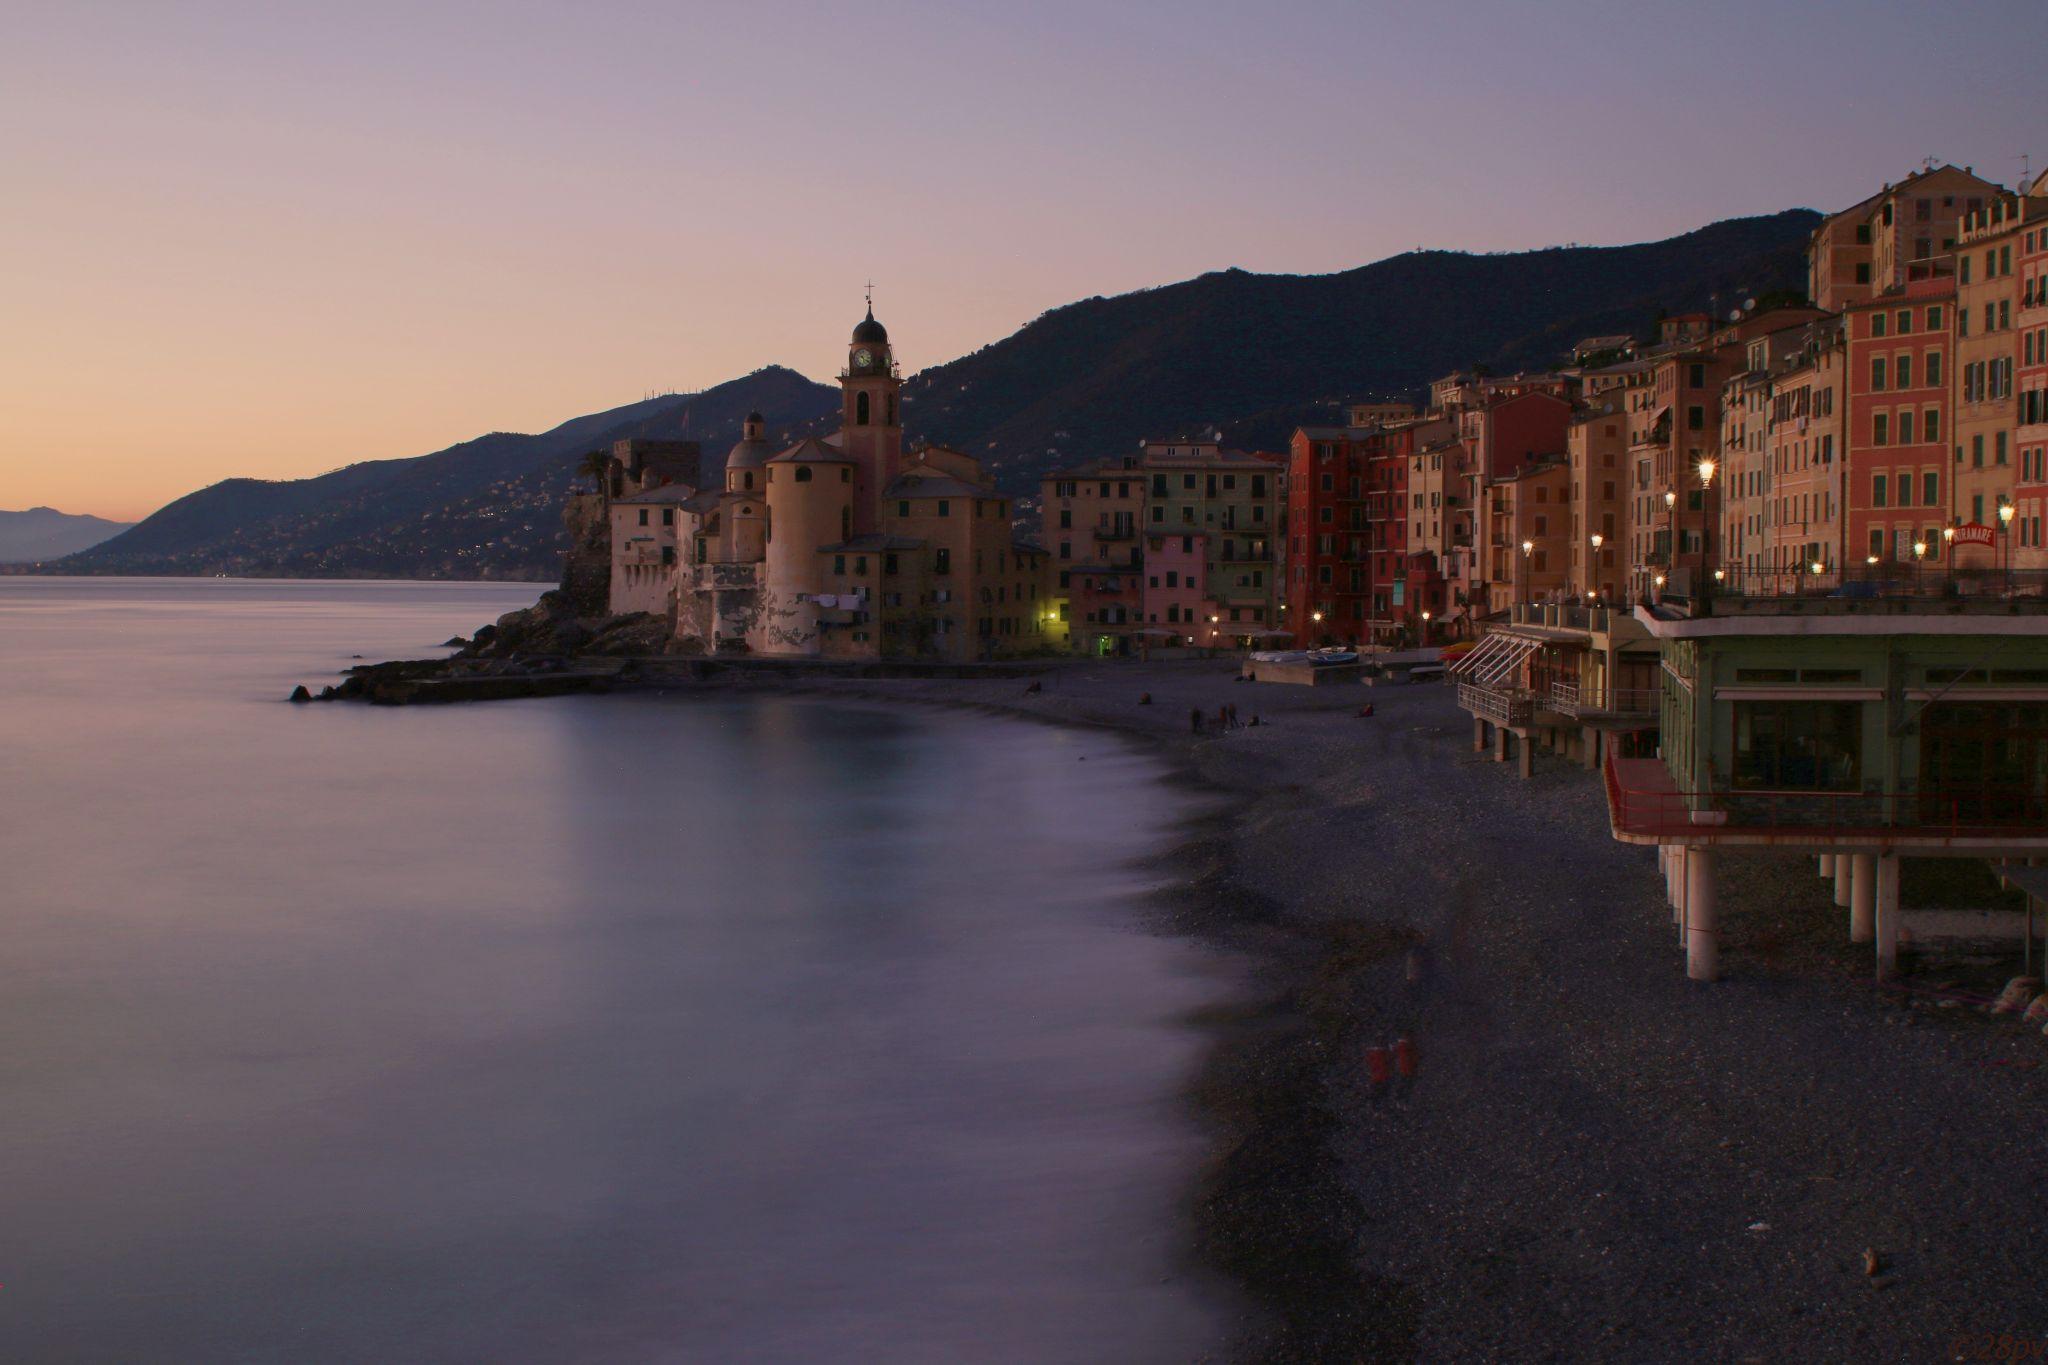 Camogli photo spot, Italy